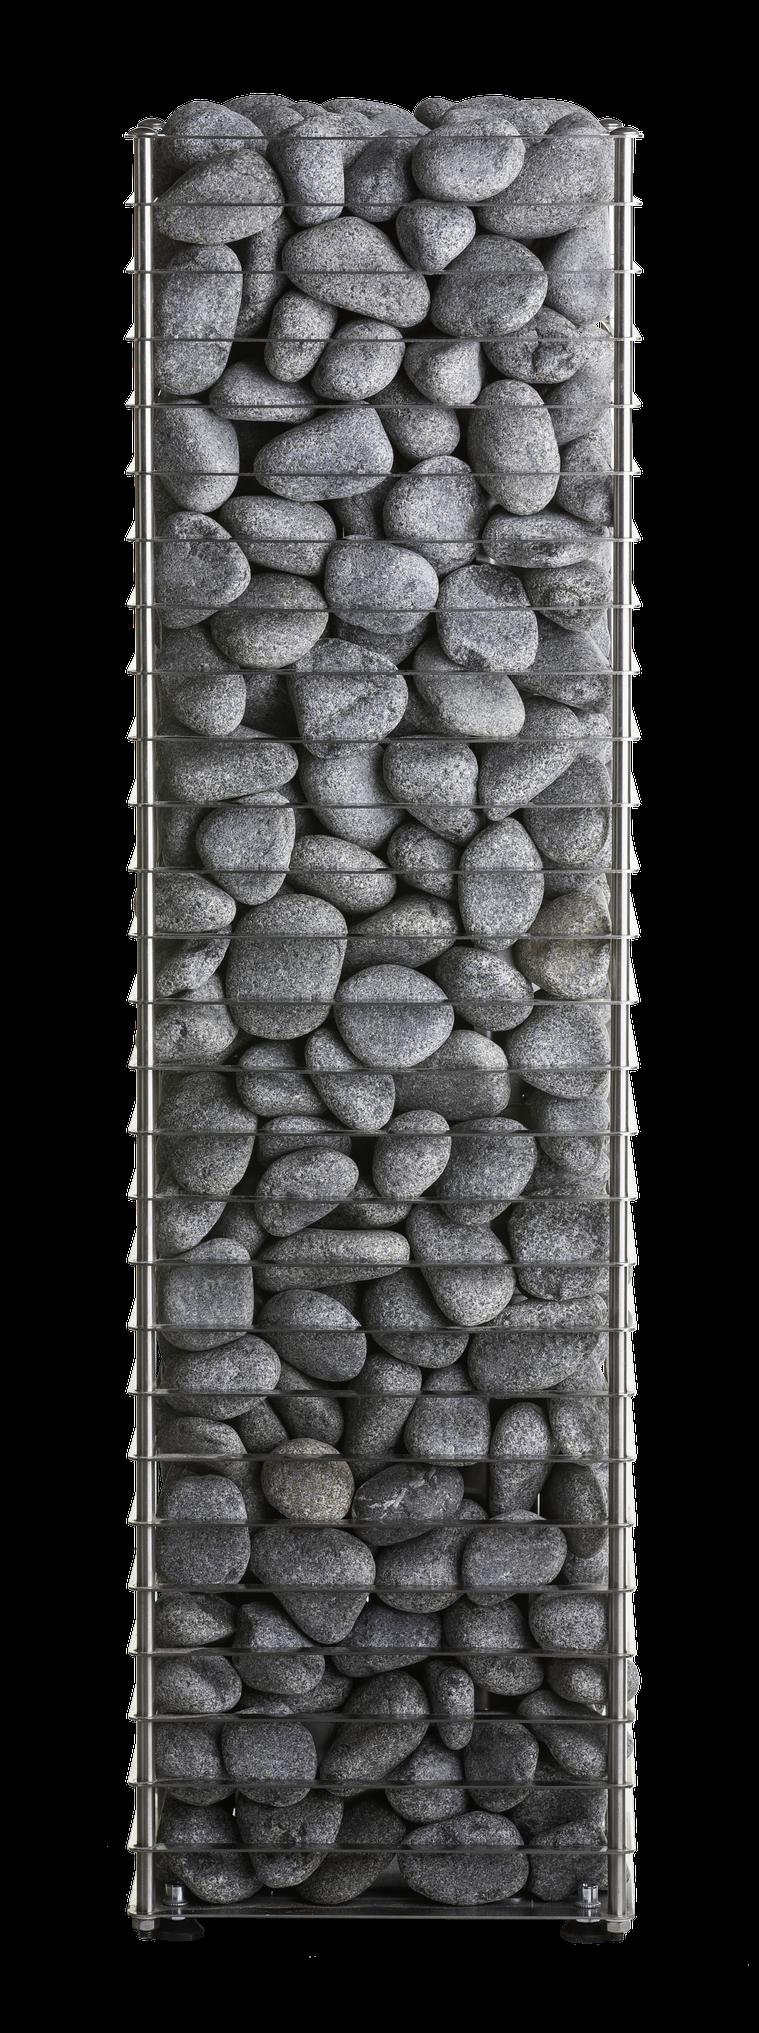 Afbeelding van Huum Cliff 9 kW saunakachel (externe besturing)